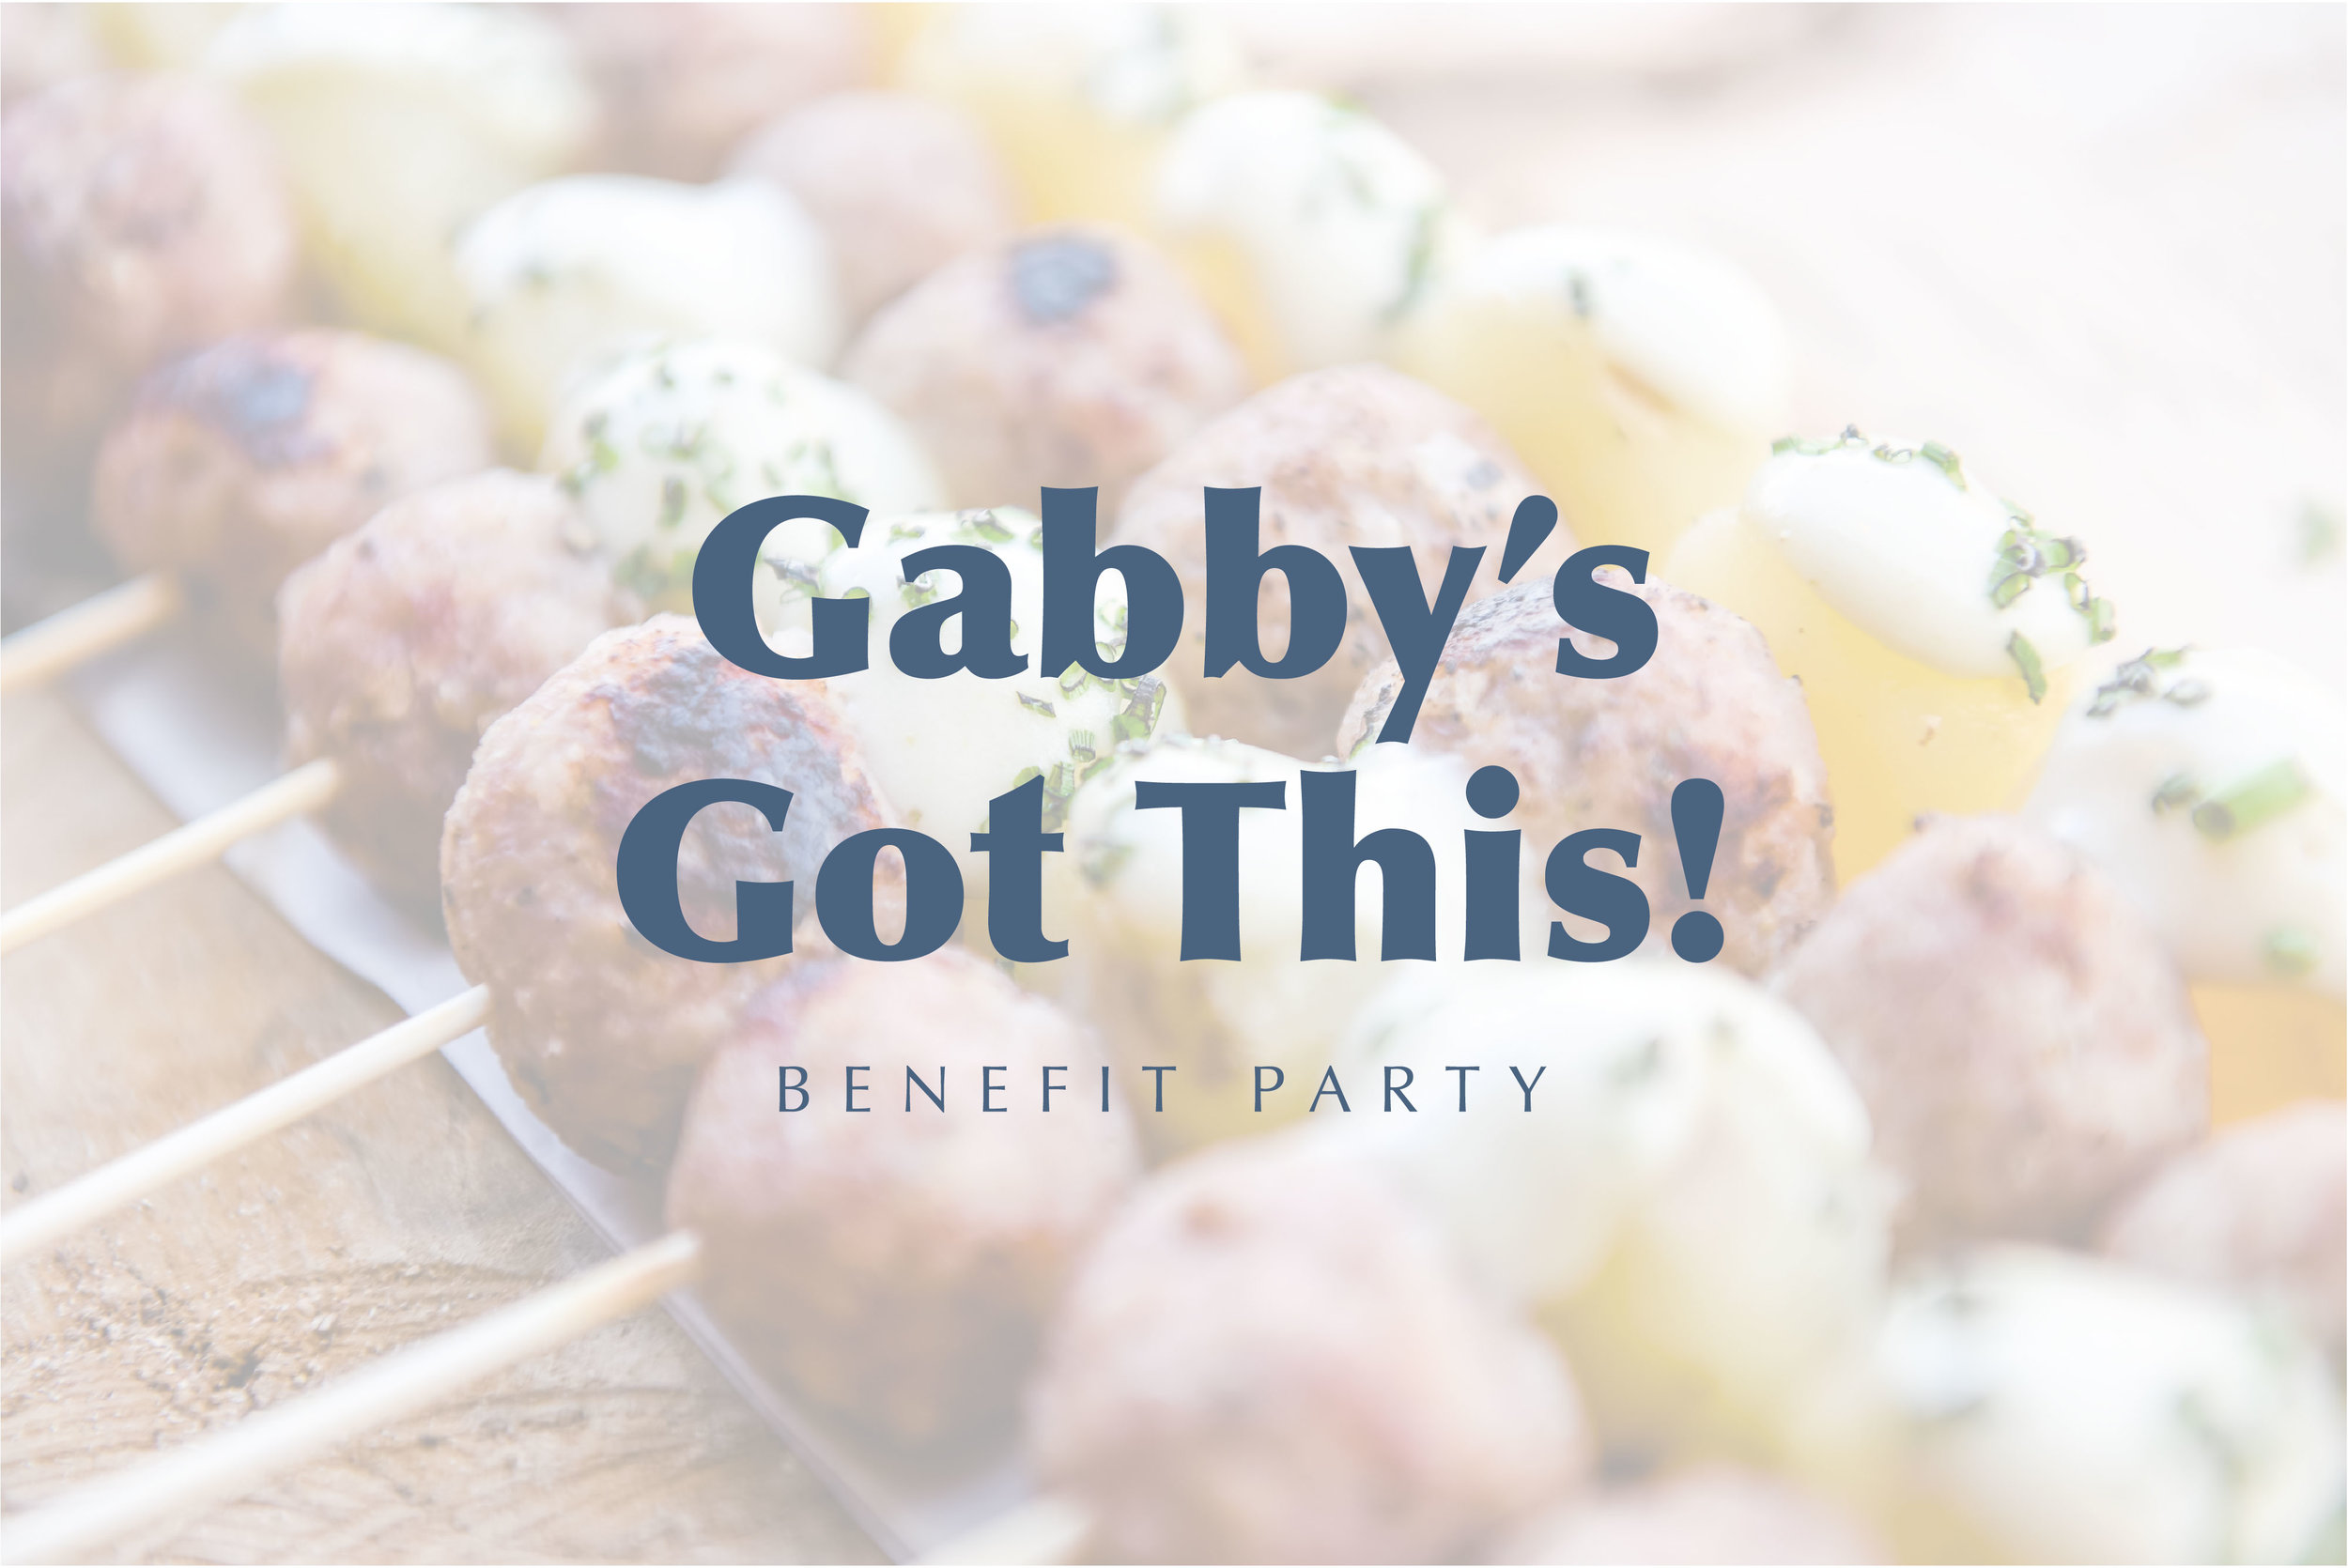 GabbysGotThis.jpg